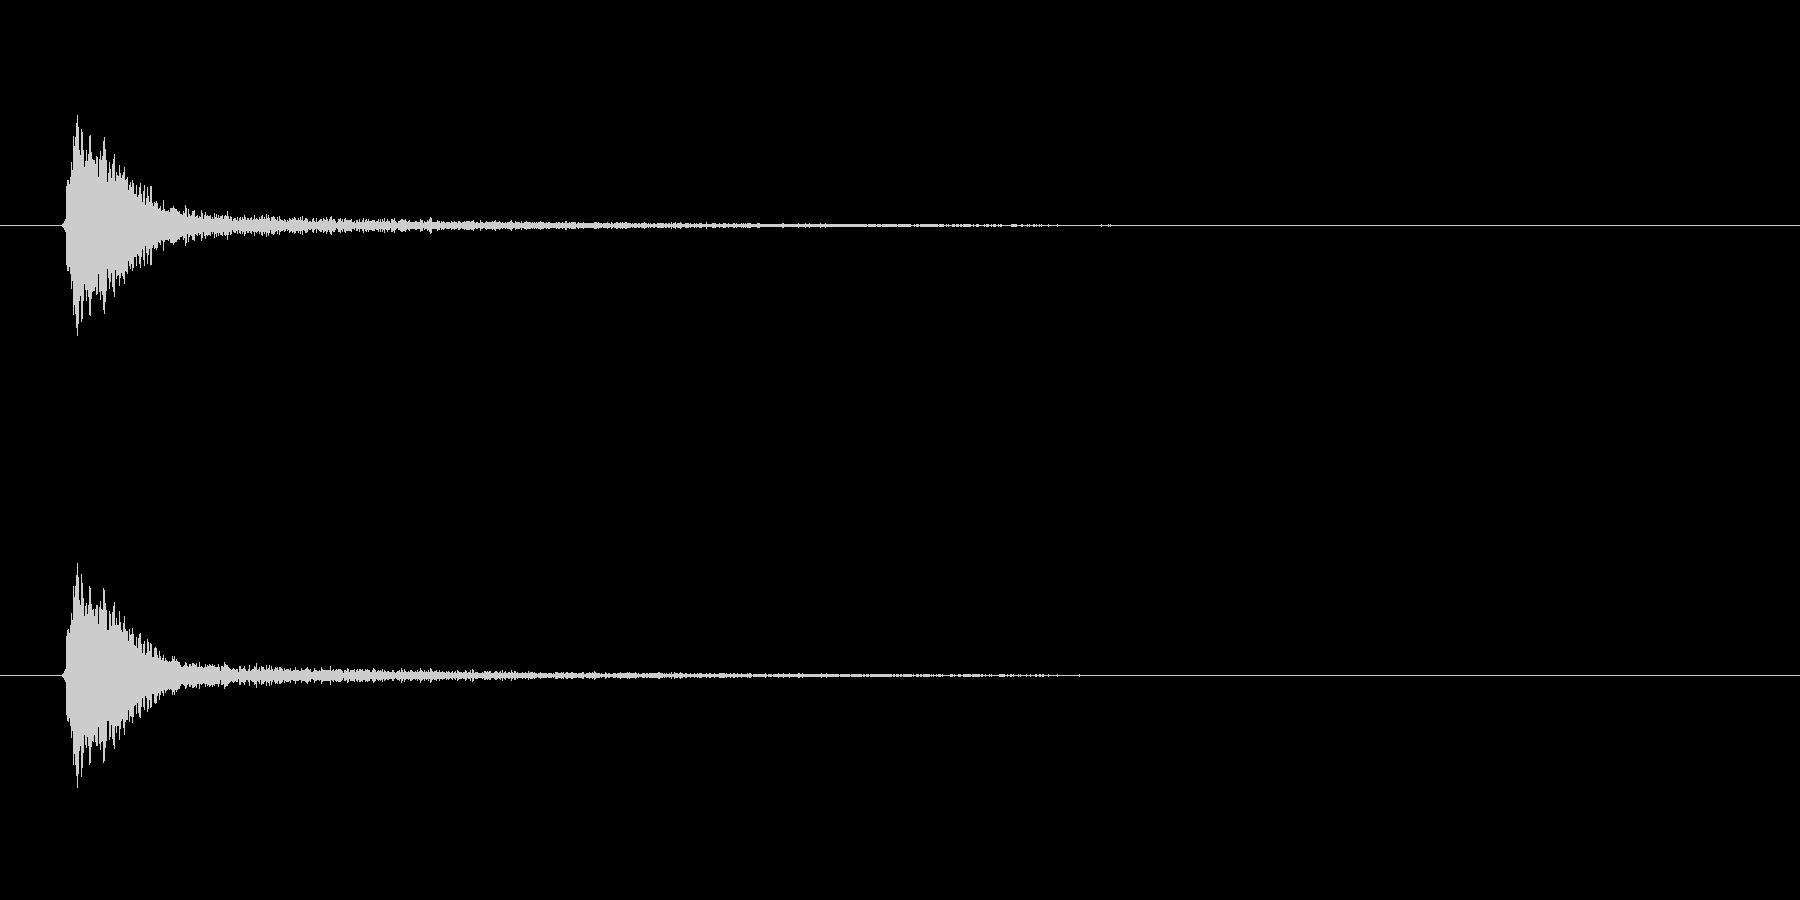 【風船 破裂01-4】の未再生の波形